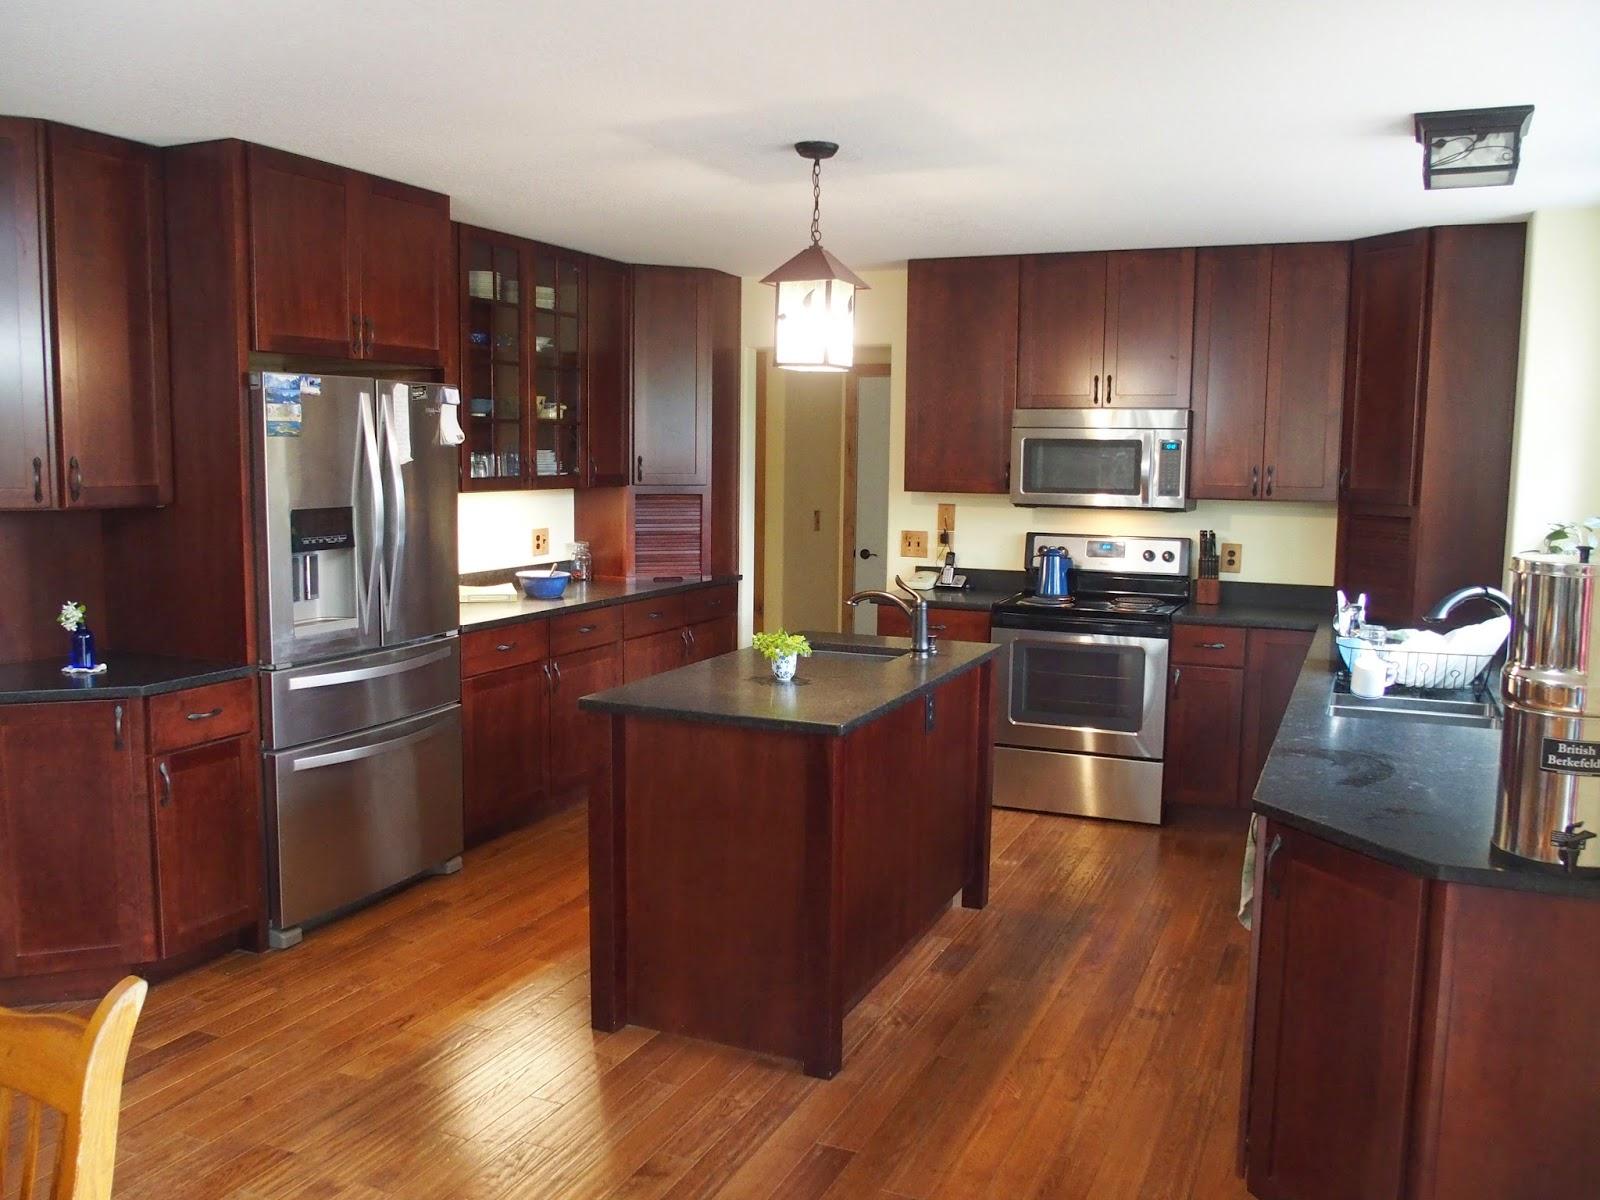 My Dream Kitchen Fashionandstylepolice: Proverbs 31 Living: Tour Of My Dream Kitchen